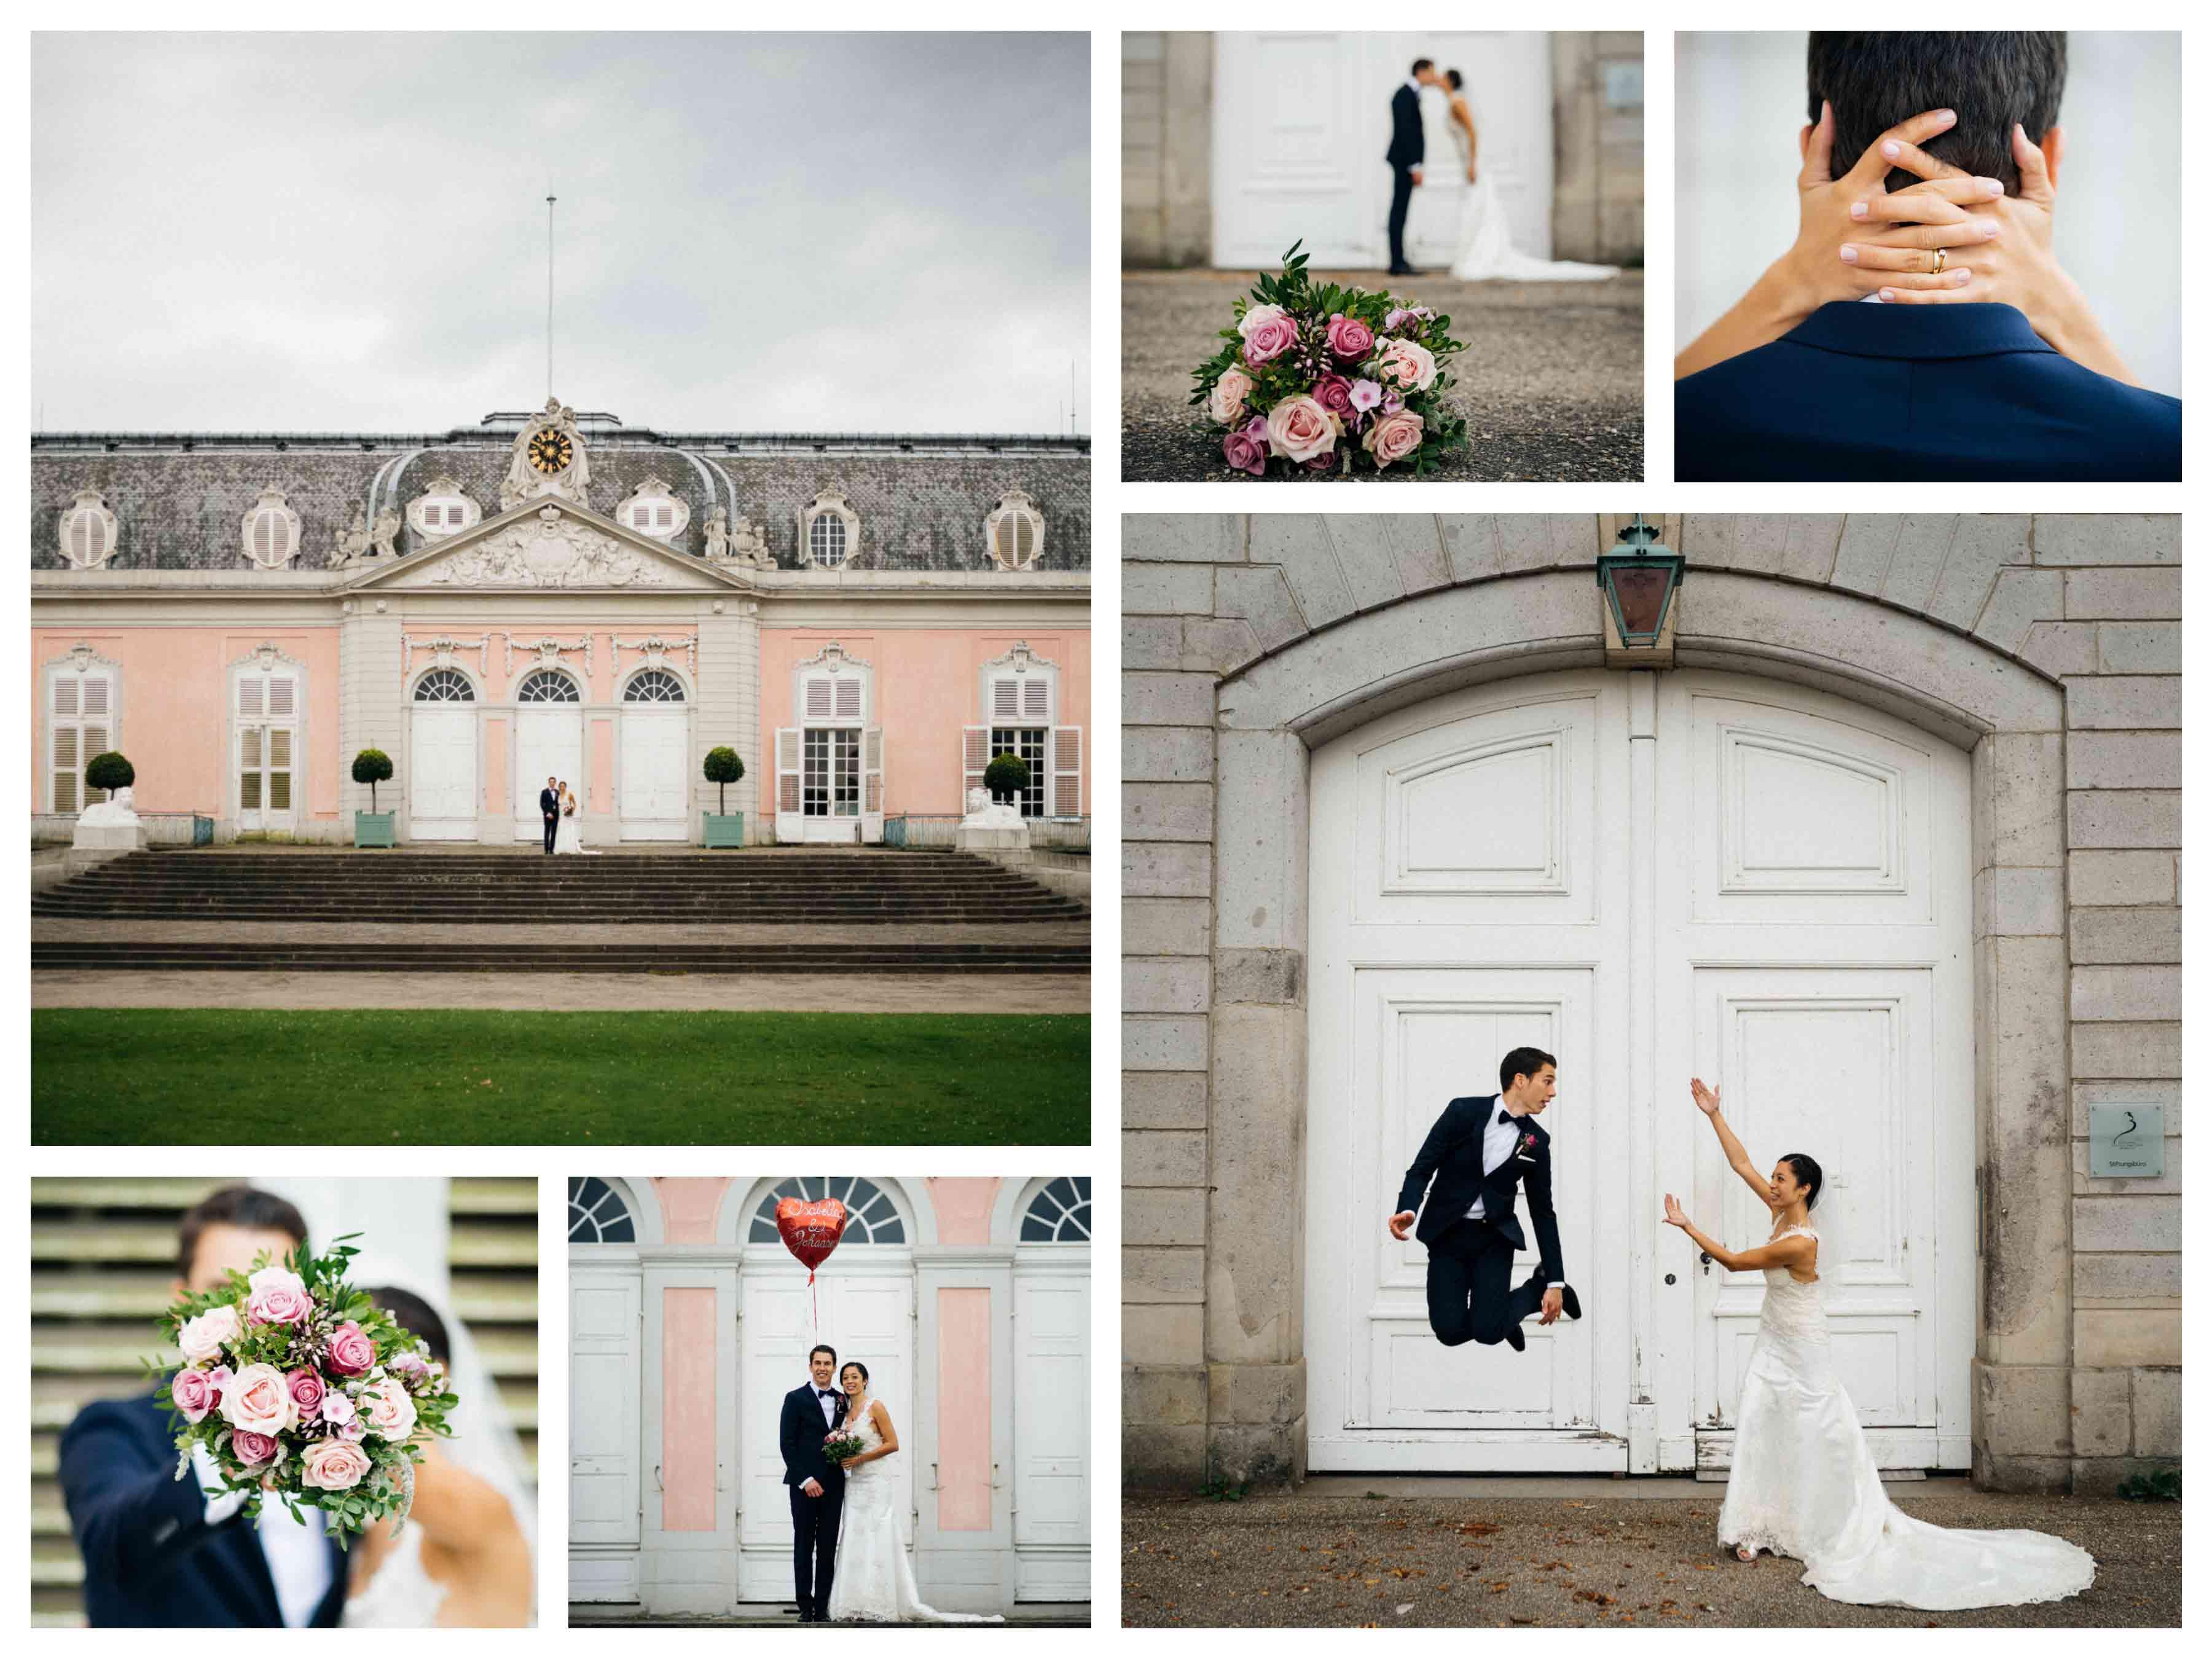 Echte Hochzeiten - 2016 - Isabelle Thiemann - Köln -Couture Brautkleid